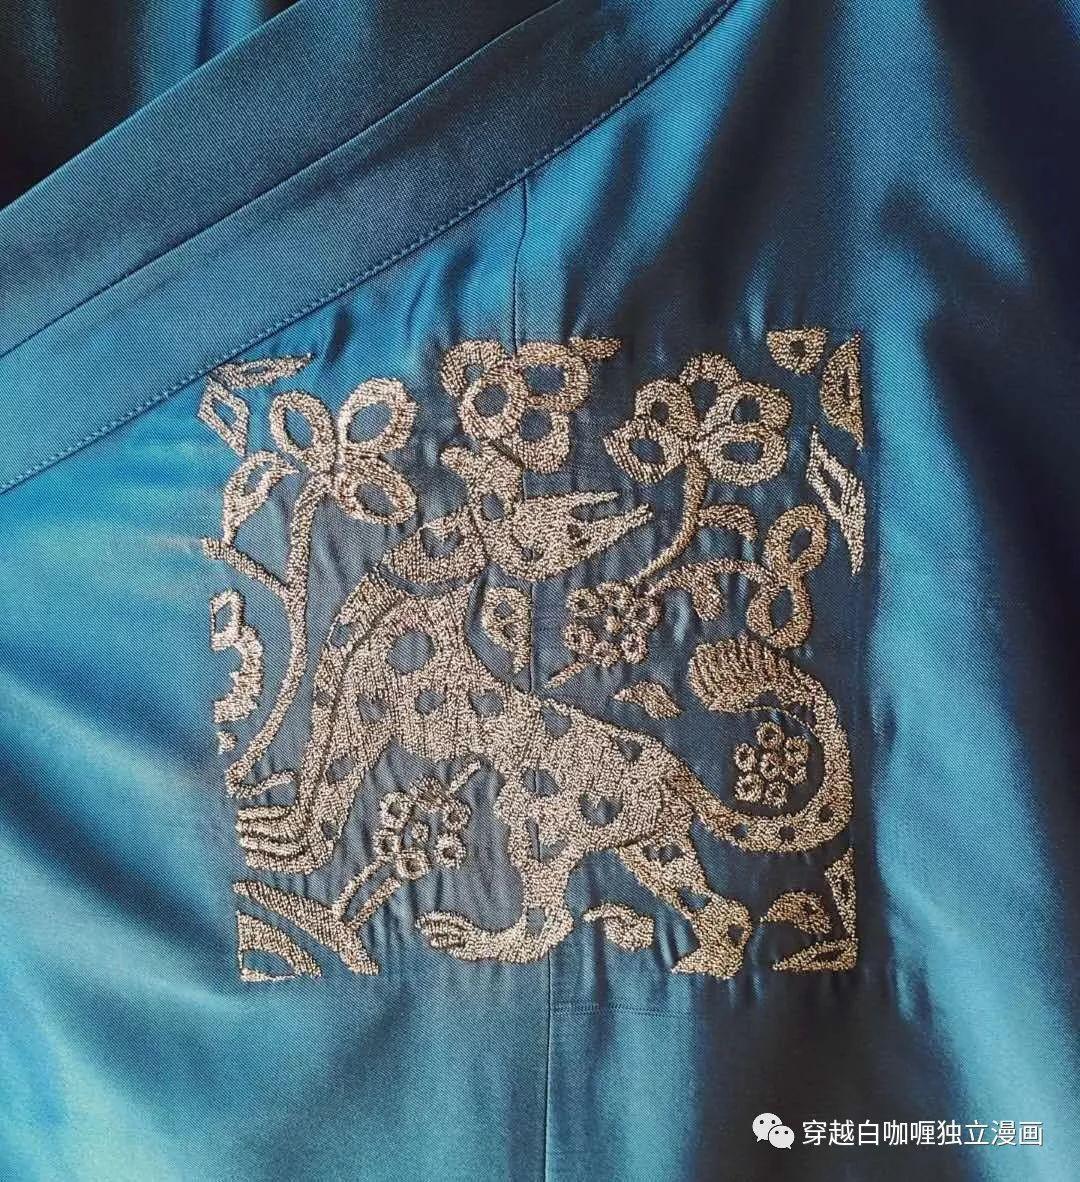 【蒙古文化】什么是蒙古袍? ᠳᠡᠪᠡᠯᠤᠨ ᠲᠤᠬᠠᠢ 第49张 【蒙古文化】什么是蒙古袍? ᠳᠡᠪᠡᠯᠤᠨ ᠲᠤᠬᠠᠢ 蒙古服饰